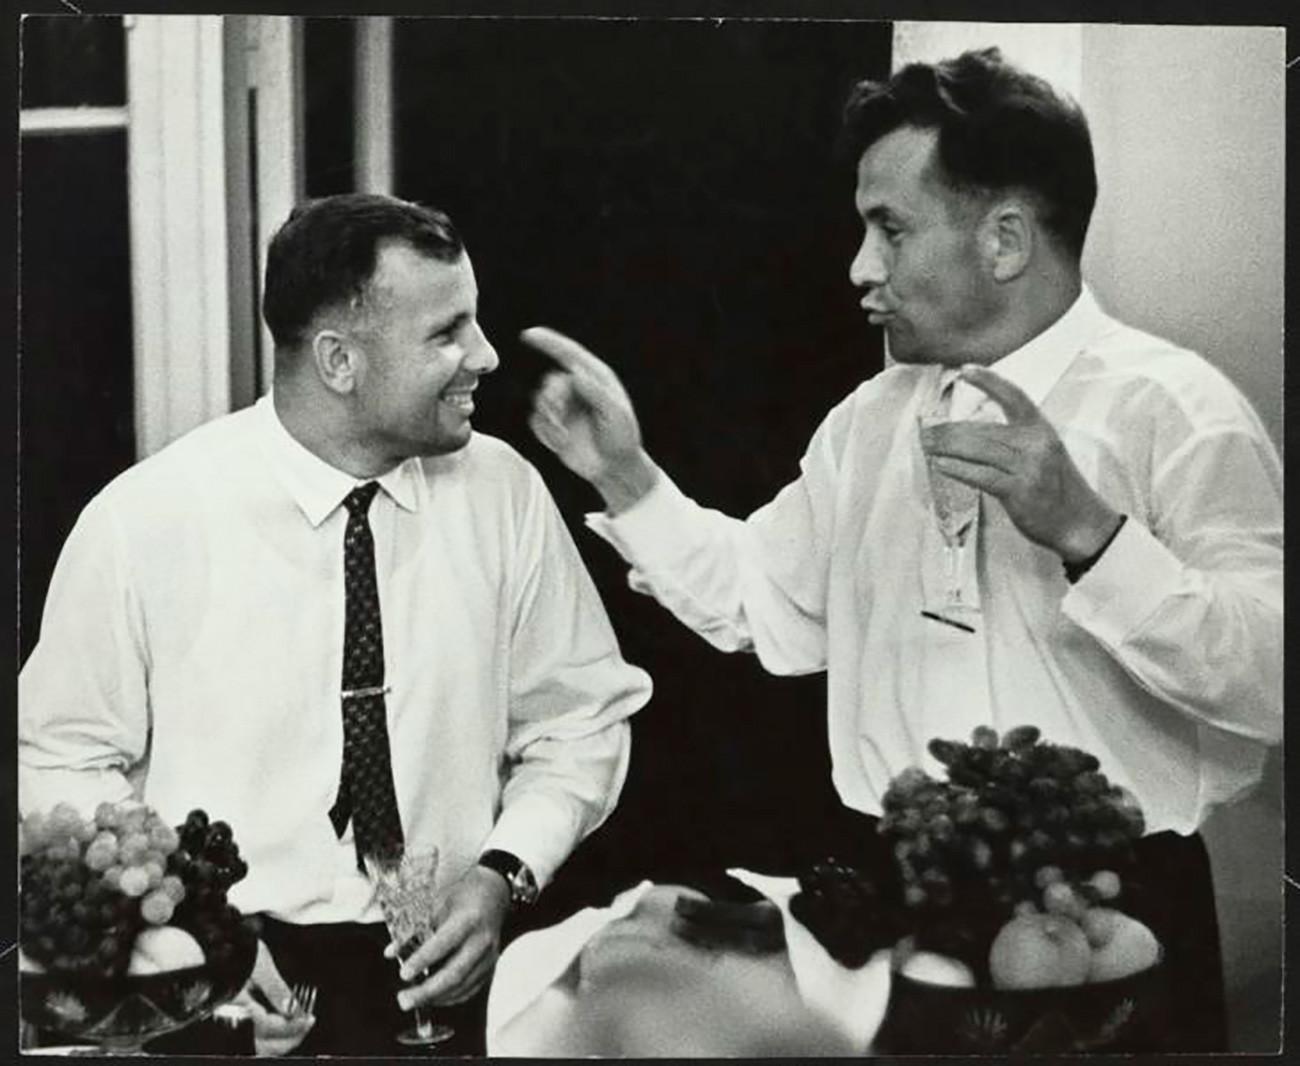 Iúri Gagárin e Pável Popóvitch. Popovitch foi o quarto cosmonauta soviético a realizar uma missão no espaço, o sexto ser humano em órbita.